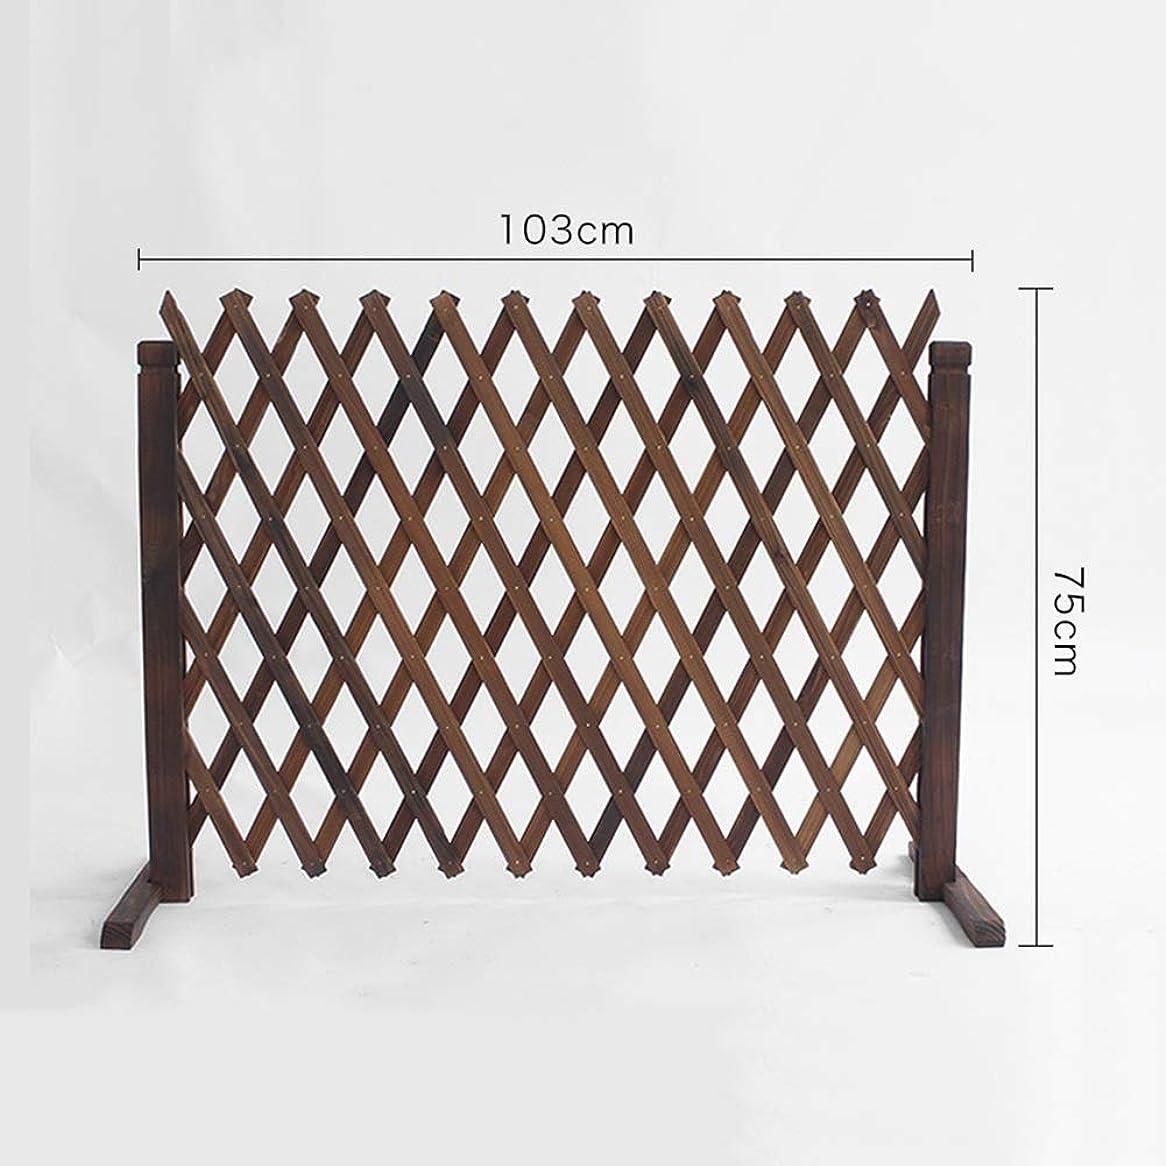 ZENGAI 木製 ボーダーフェンス無垢材拡張フェンス モバイルおよび可動フェンス 庭師とペットの所有者 (サイズ:103x75cm) (Size : 2pcs-103x75cm)